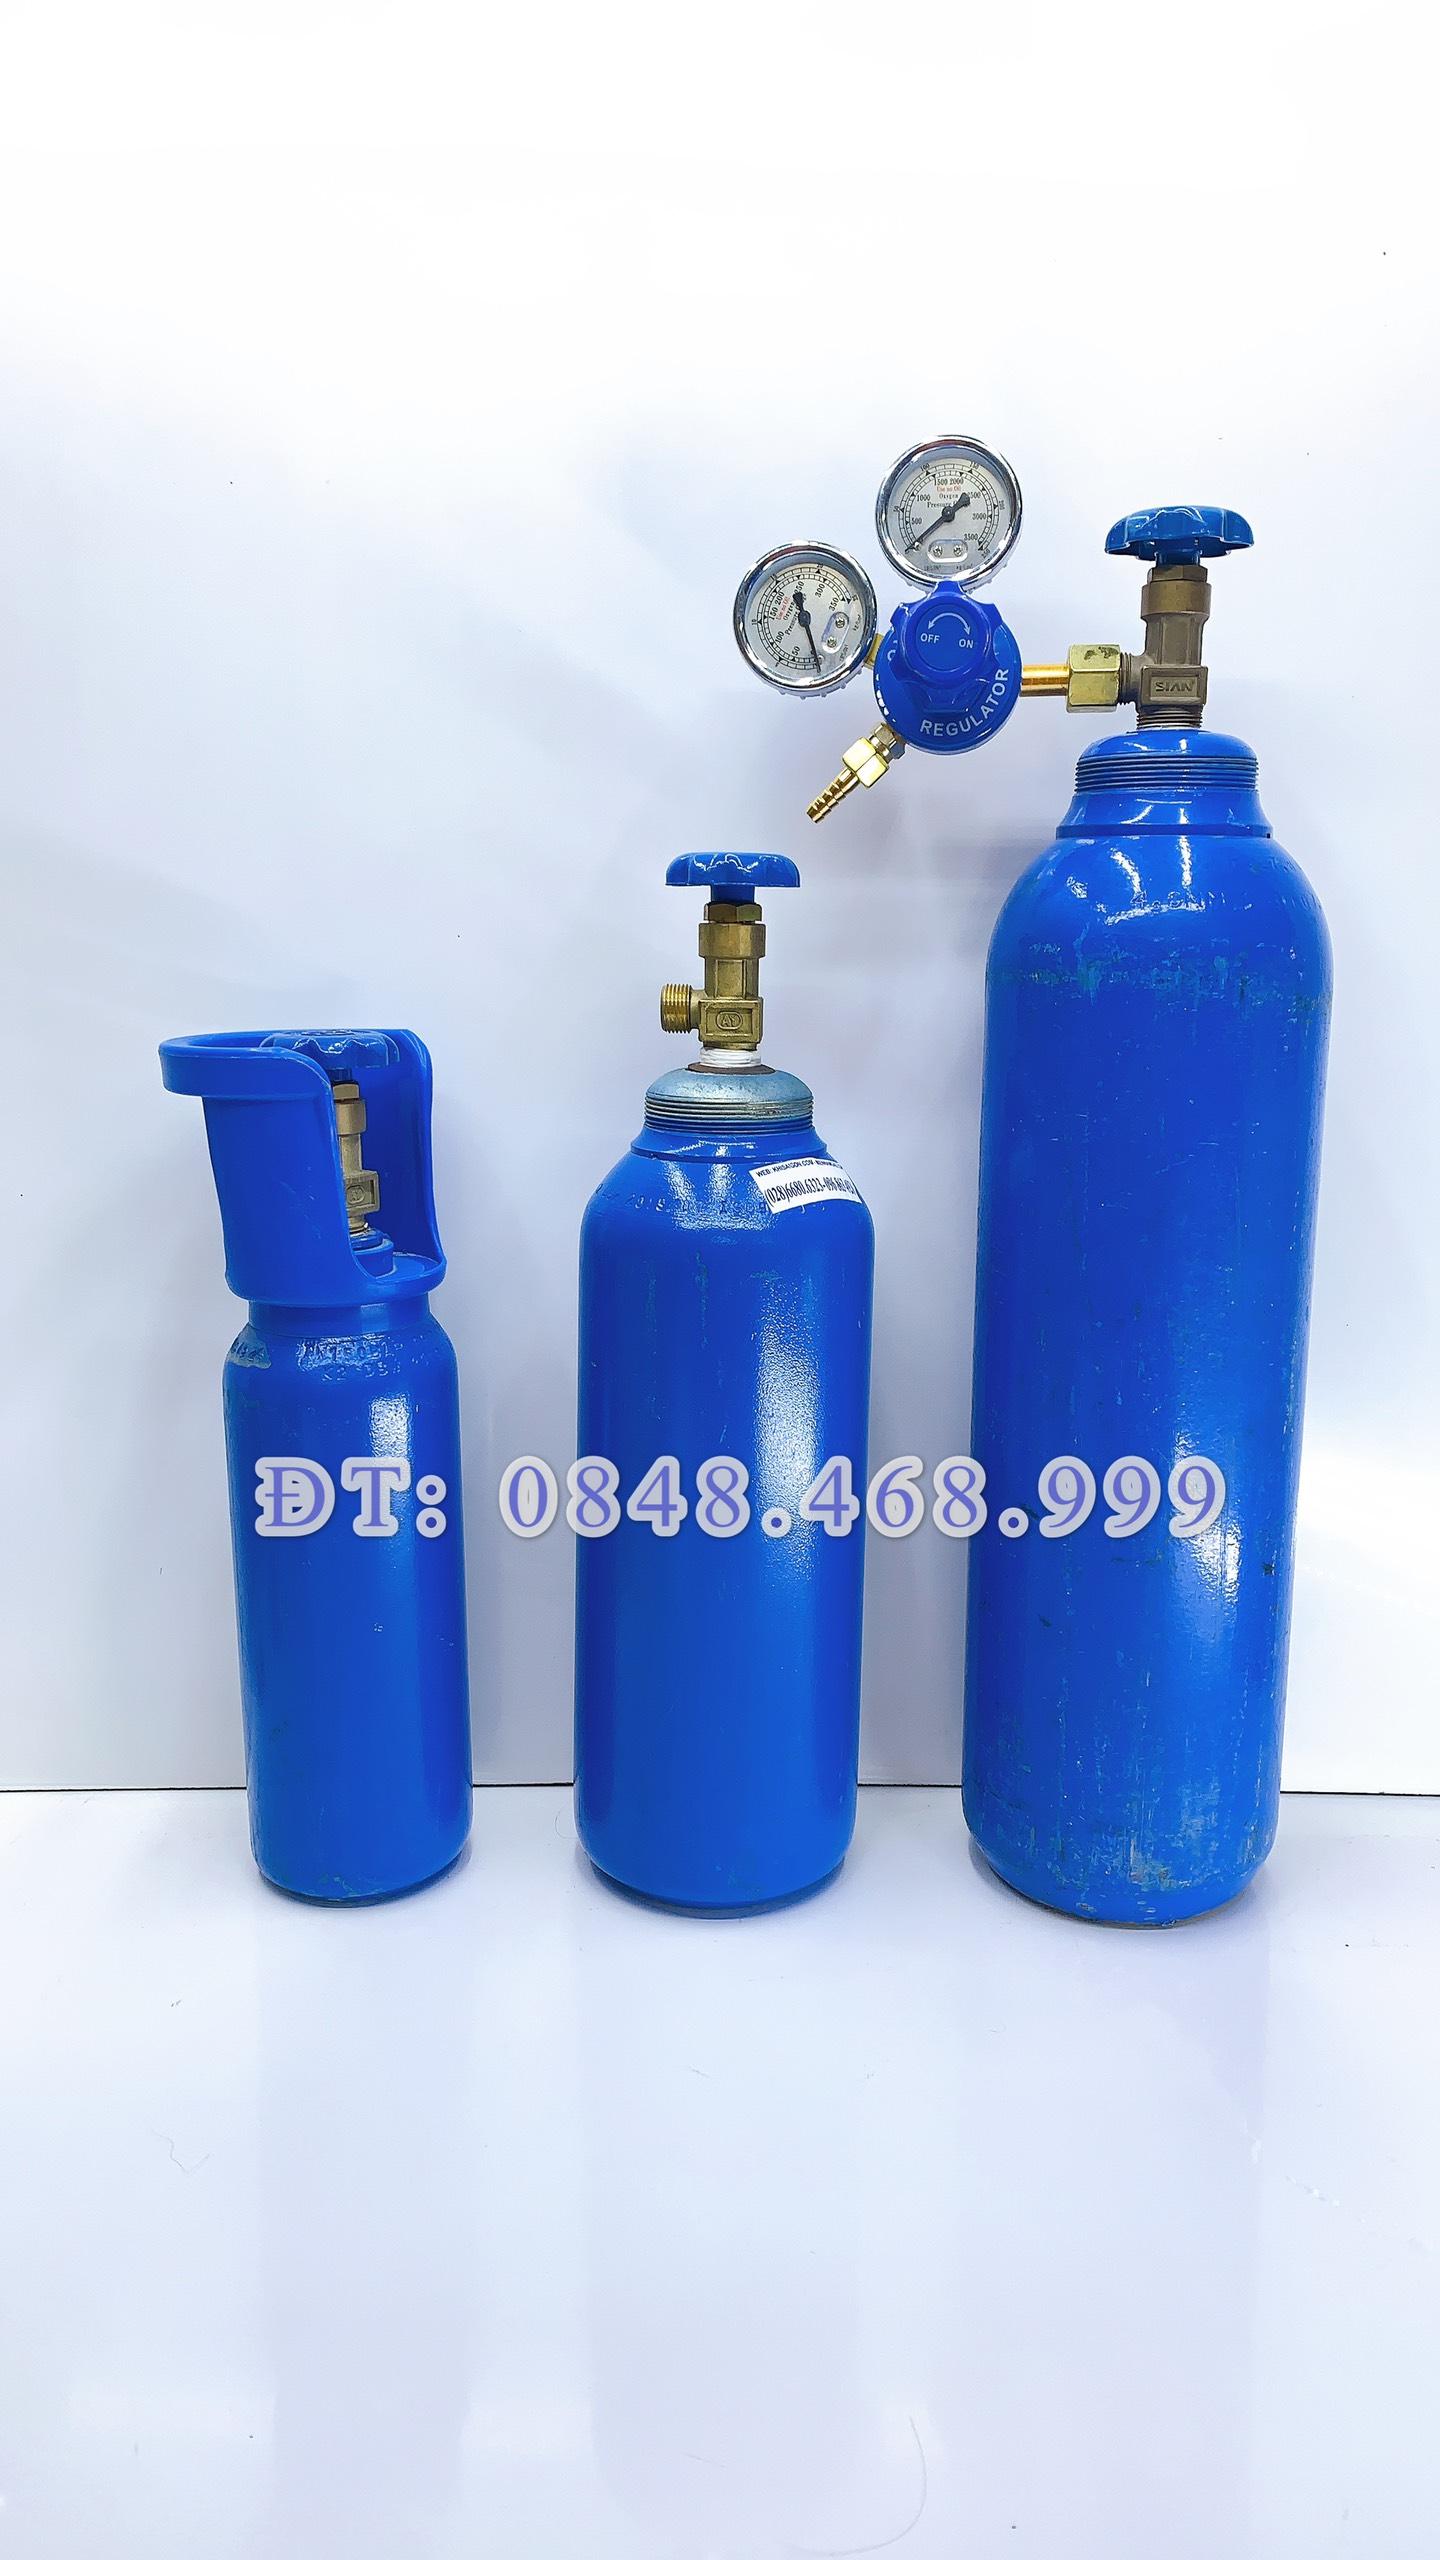 Công ty khí công nghiệp Sài Gòn cung cấp khí oxy tinh khiết dành cho hộ kinh doanh cá cảnh, nhà hàng hải sản.